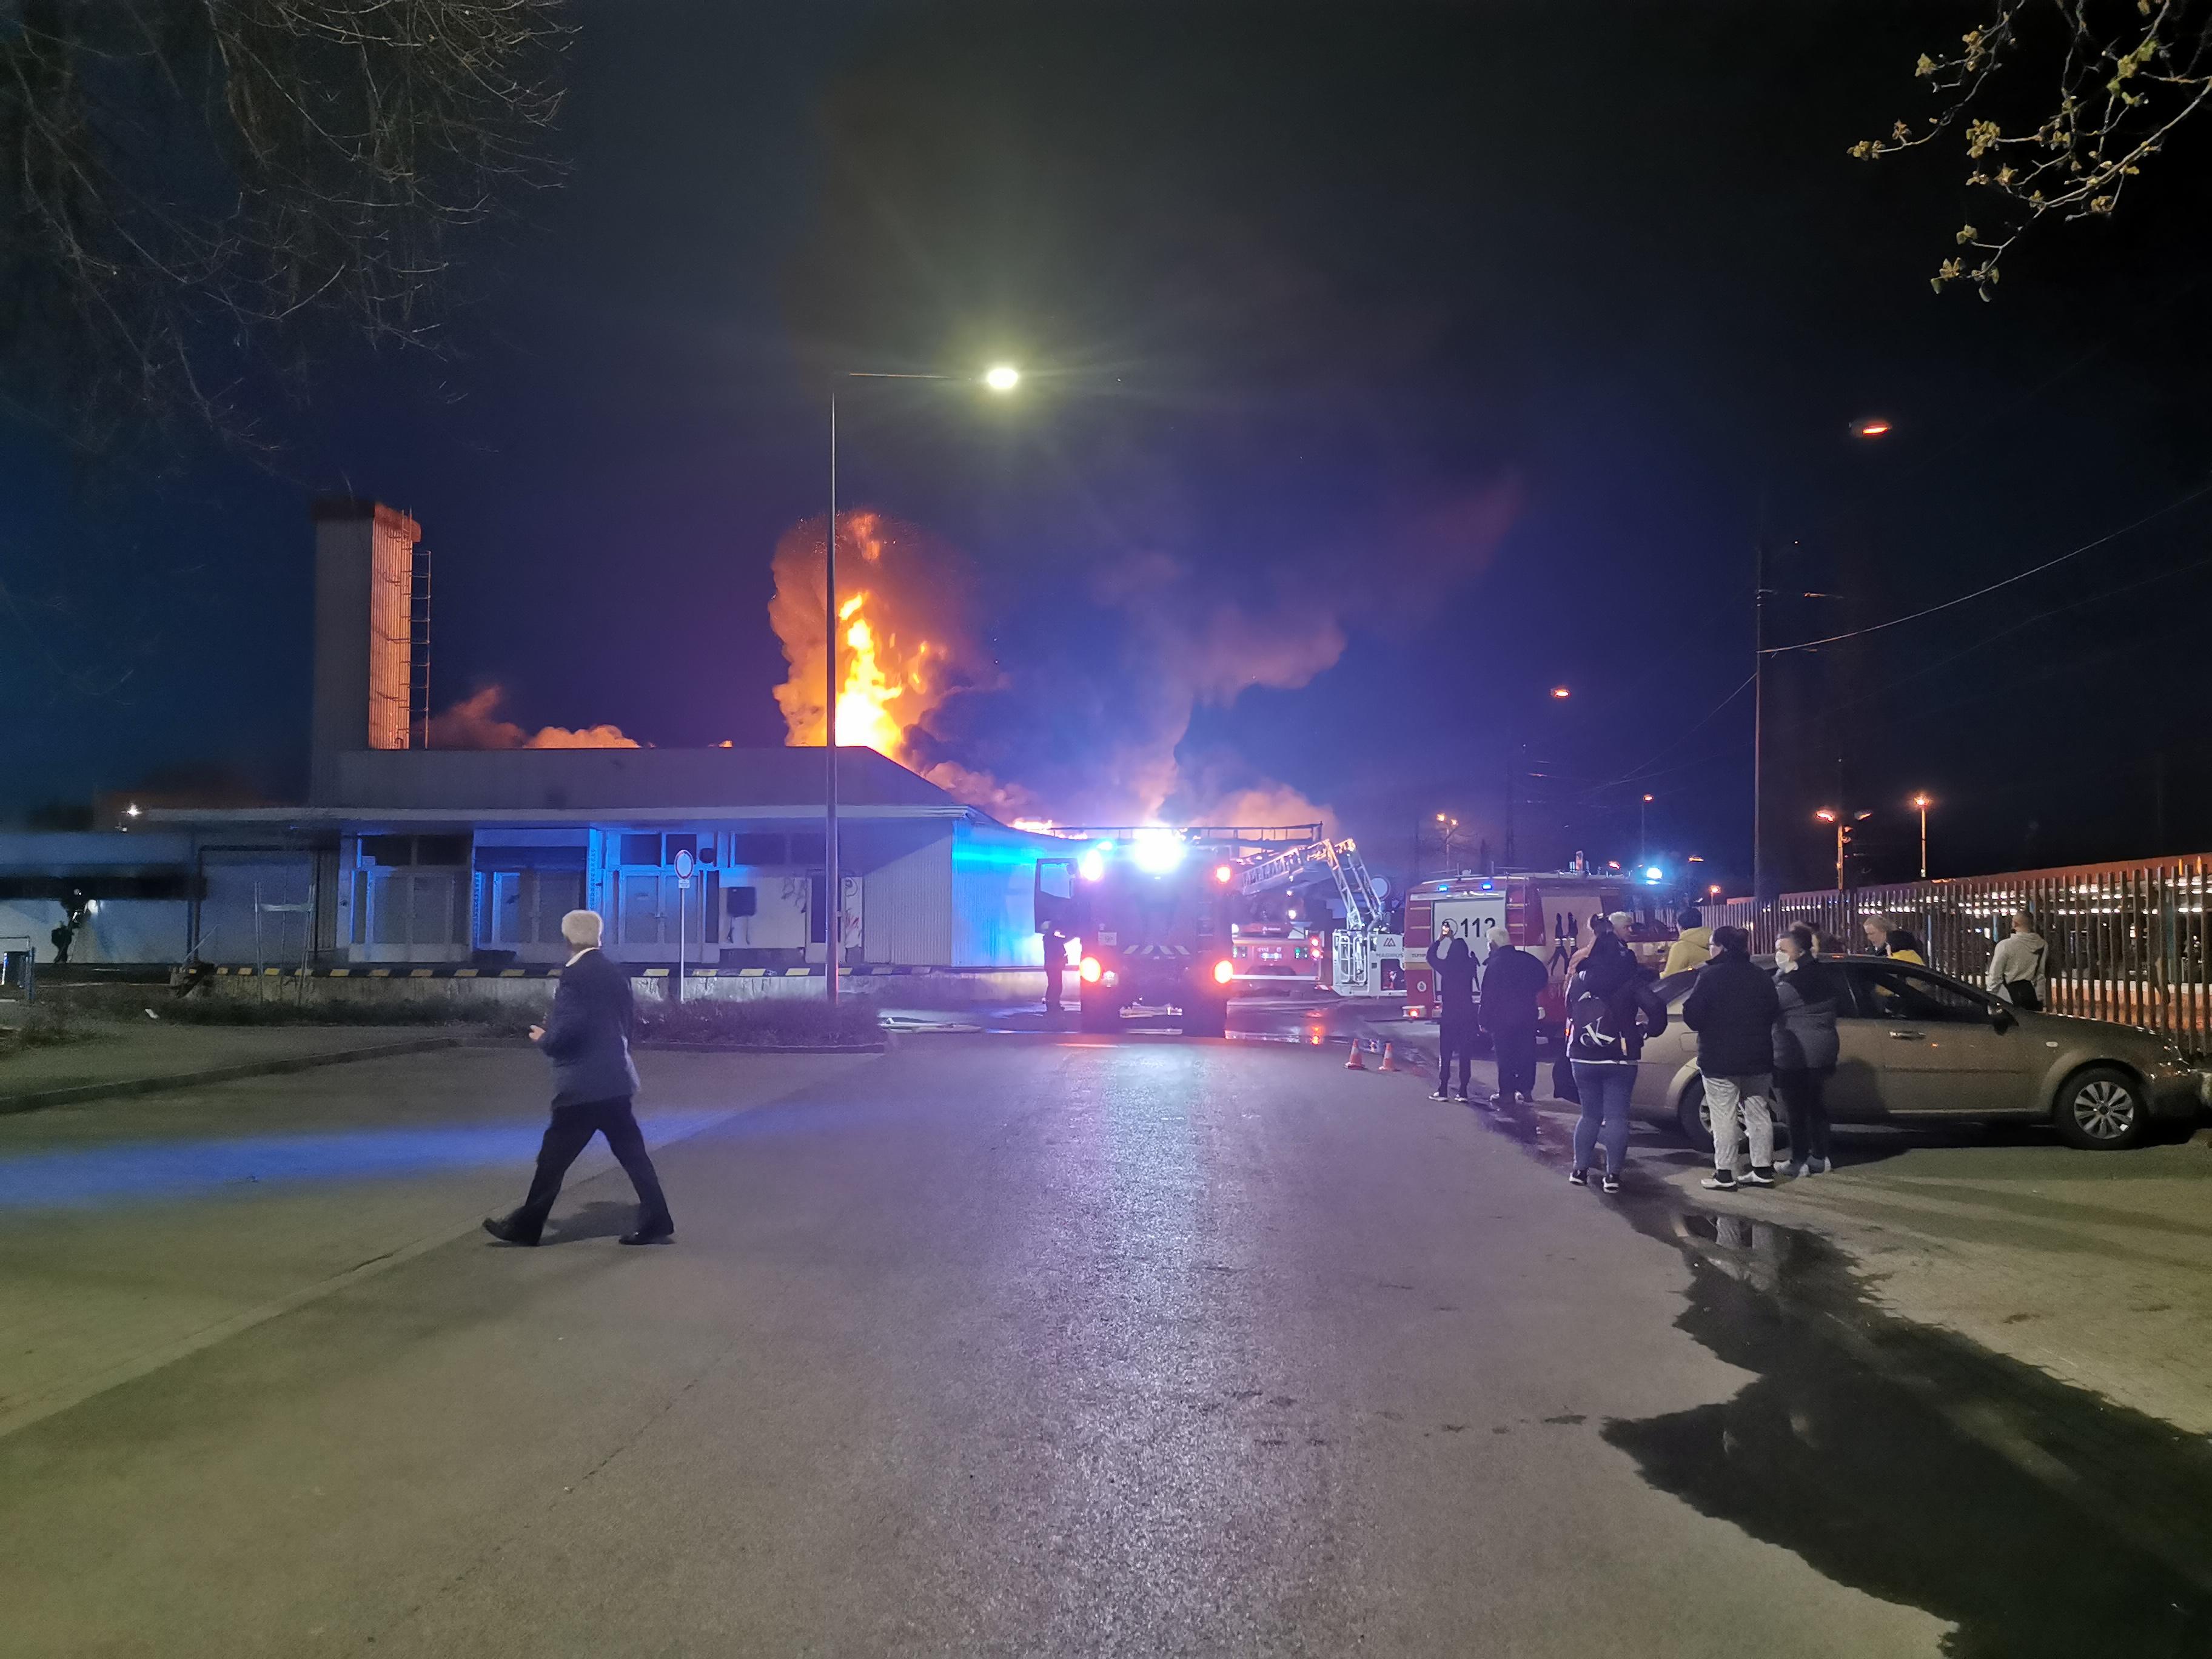 A szentendrei HÉV-állomás mellett leégett Spar dolgozói először lemondták a riasztást